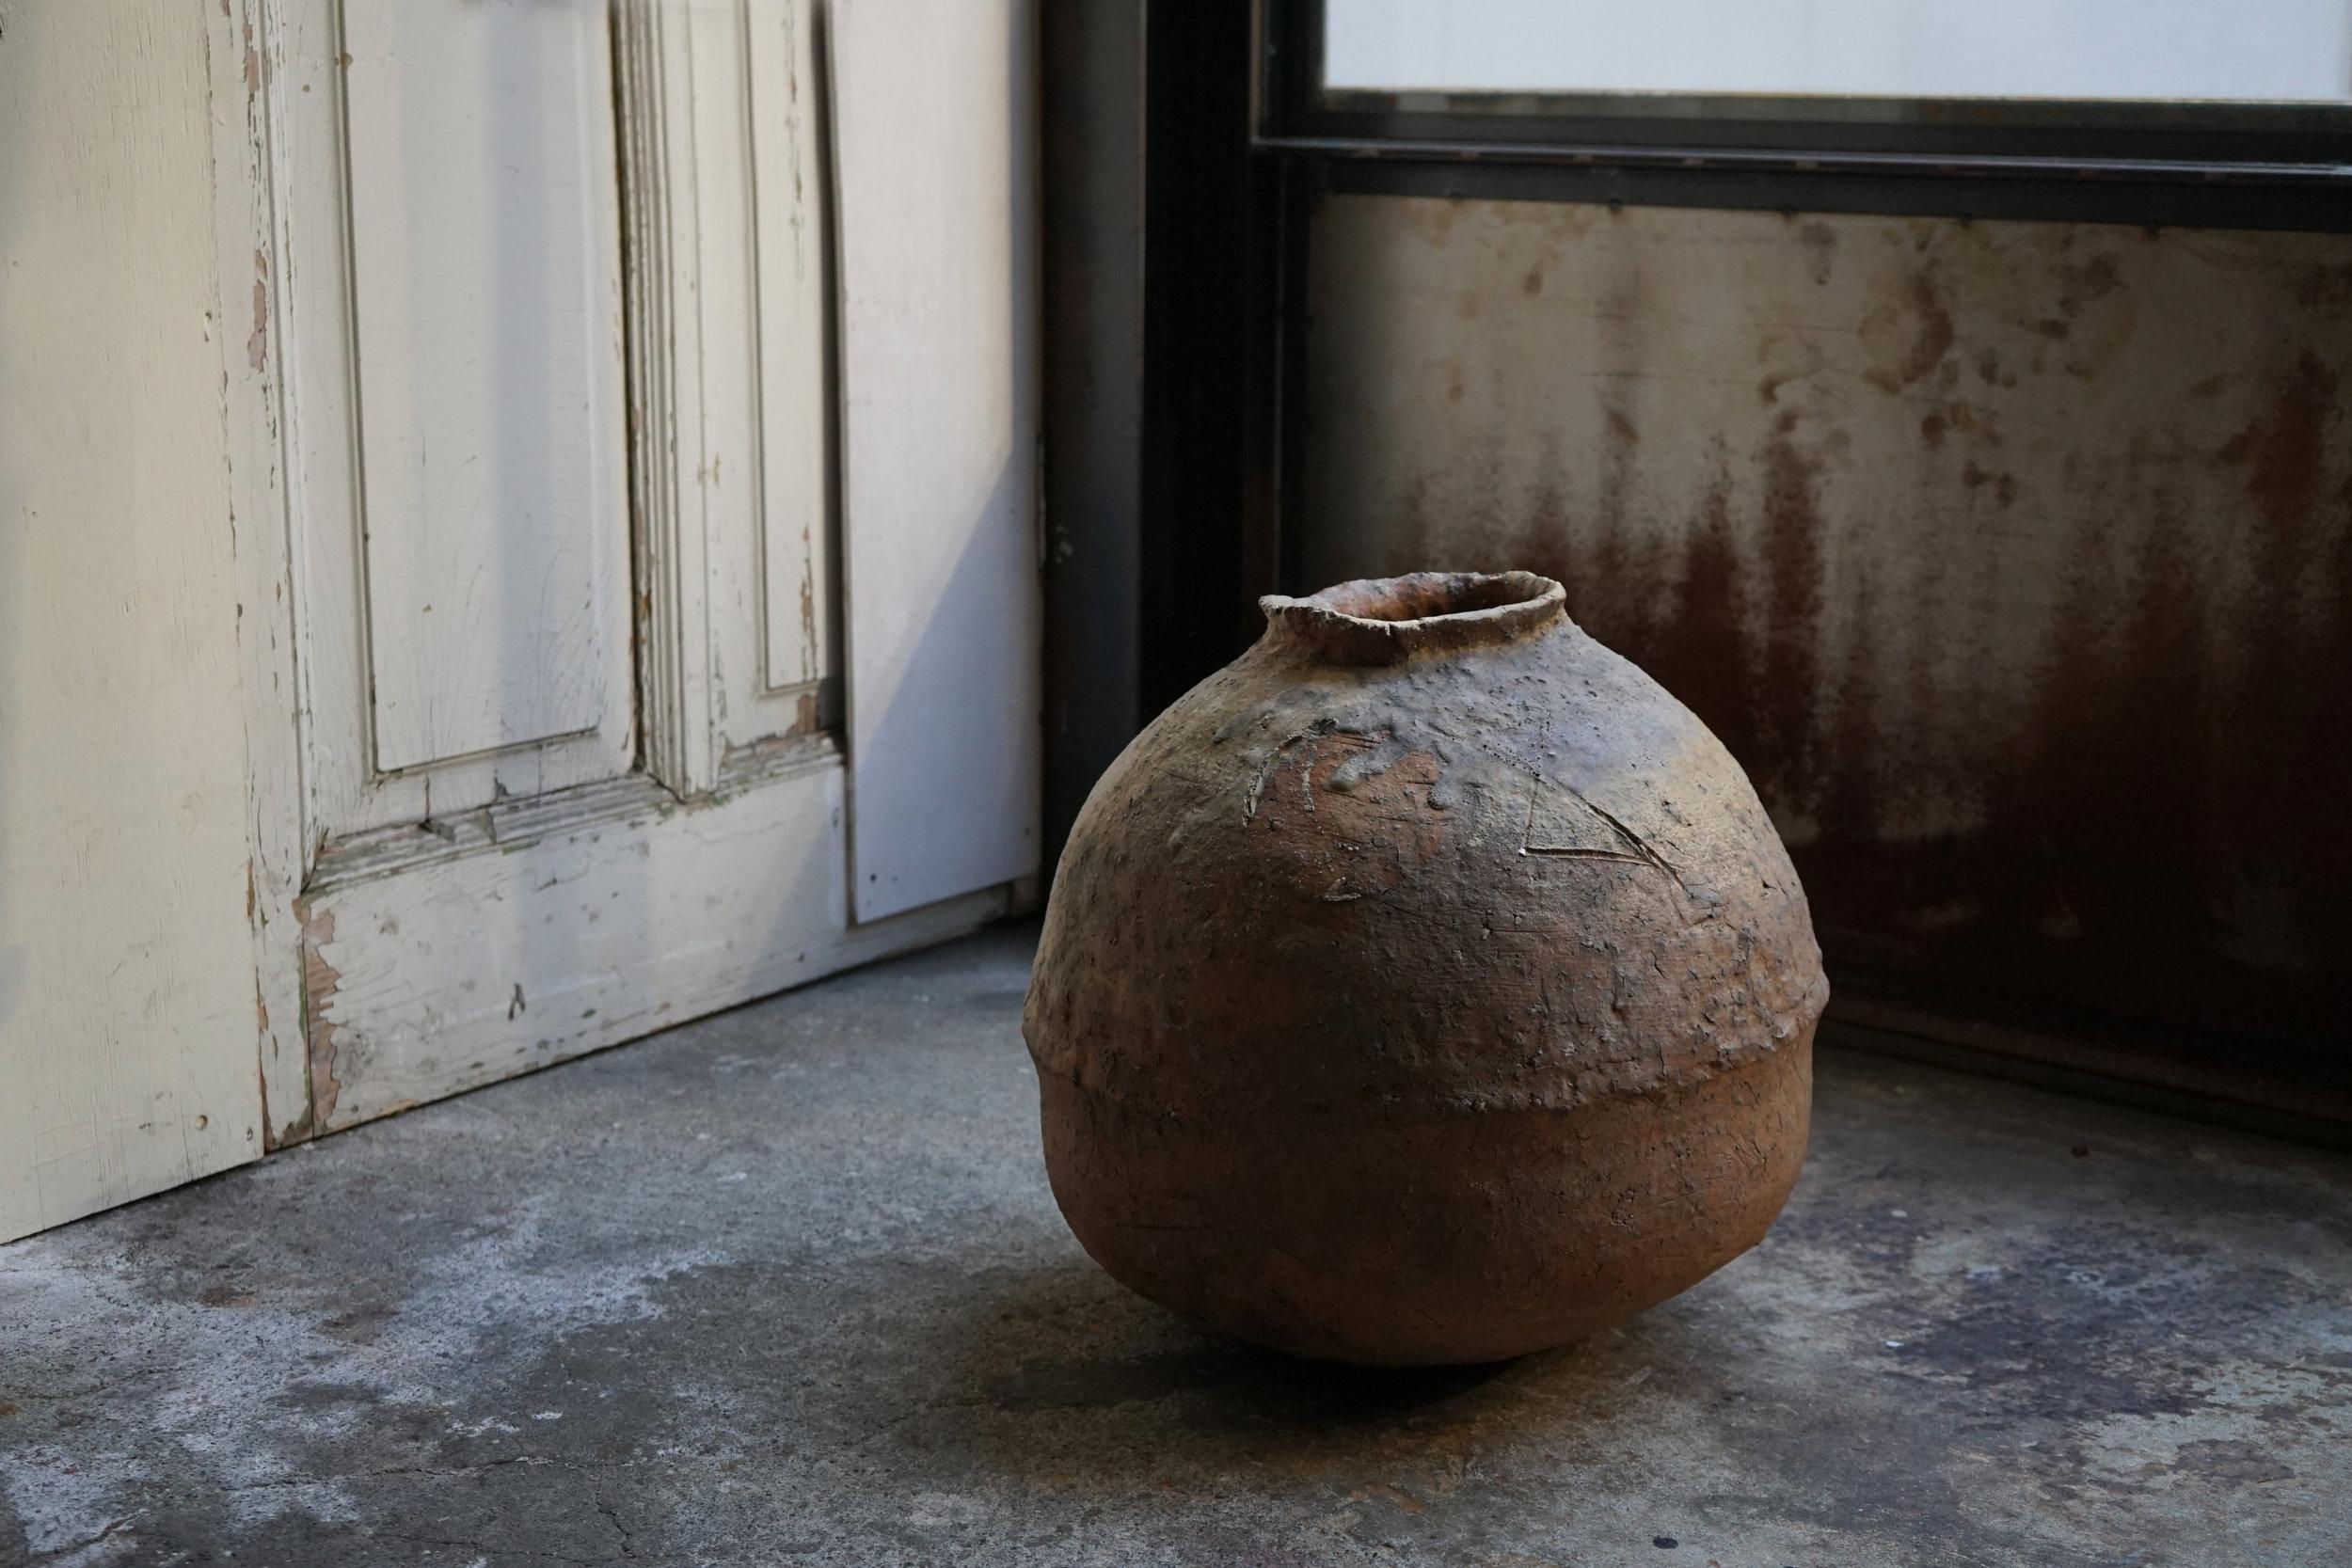 辻村史朗 大壺|Shiro Tsujimura Large Jar